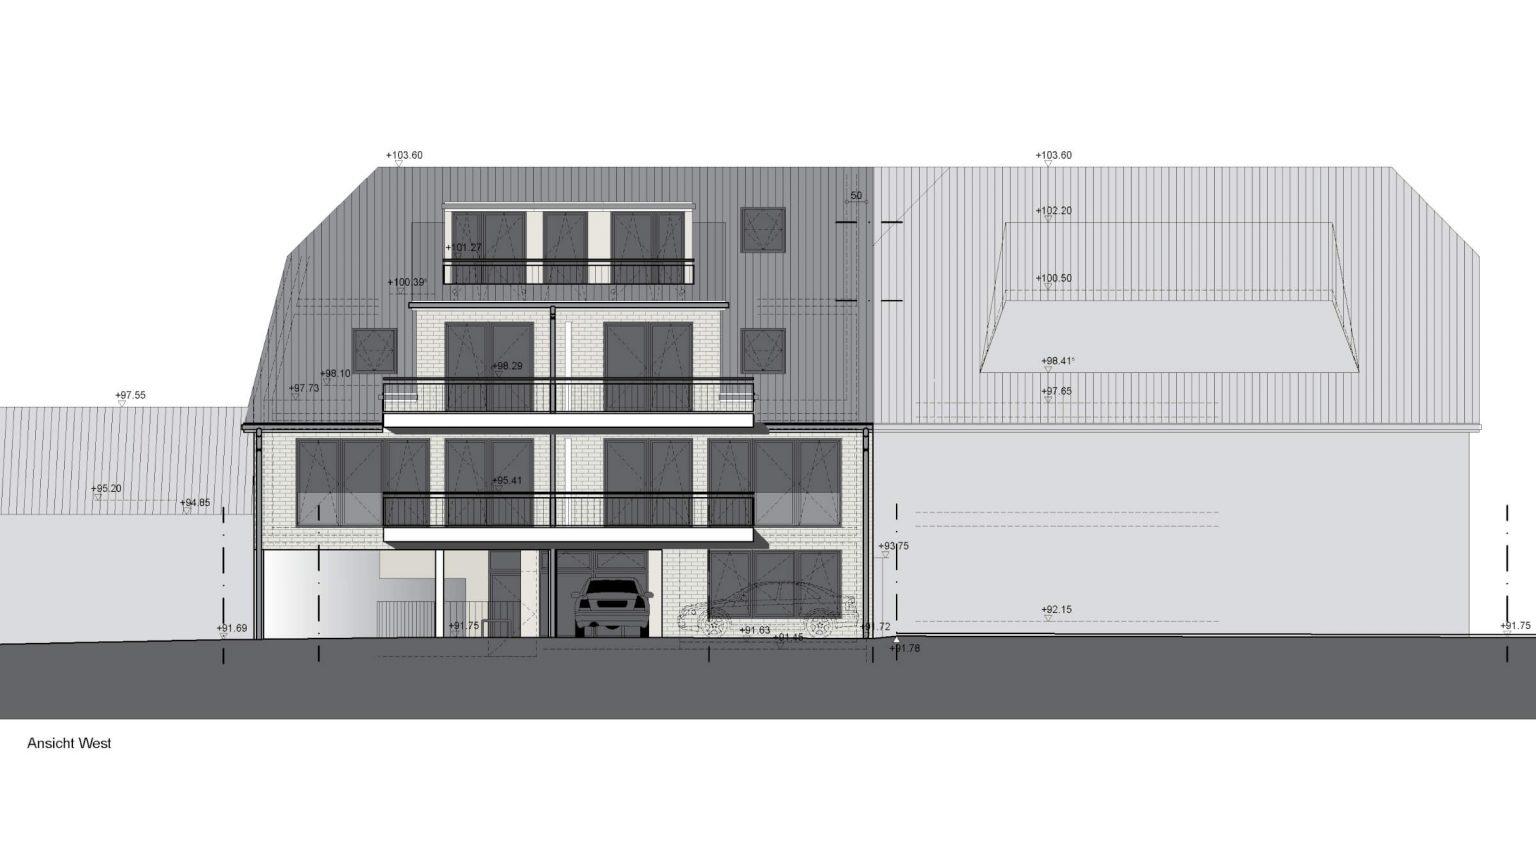 Architekt Koeln Wohnungsbau Hürth